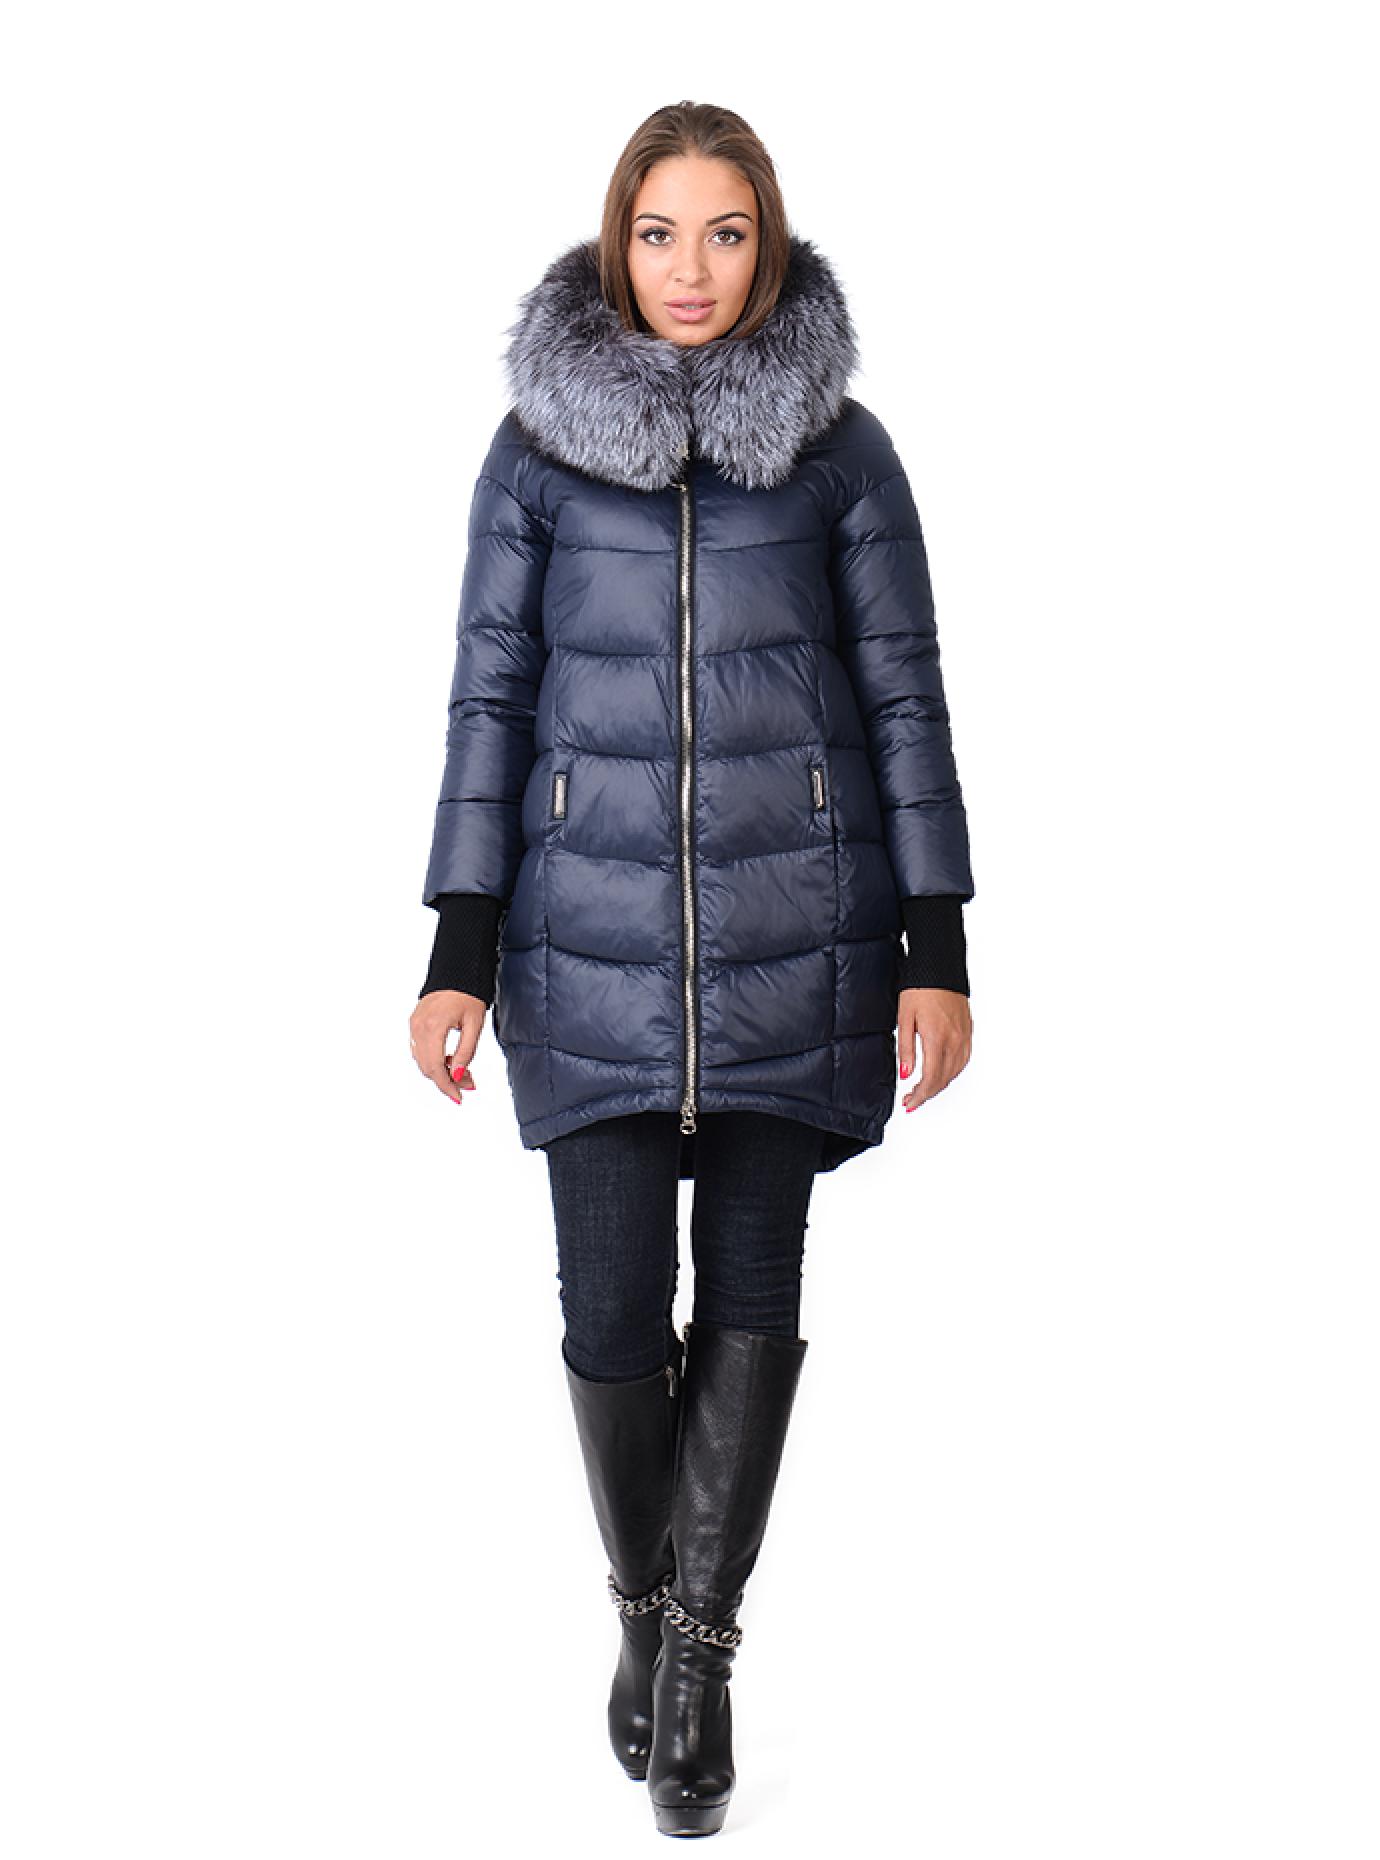 Зимняя куртка женская с манжетами Тёмно-синий S (05-CH19045): фото - Alster.ua